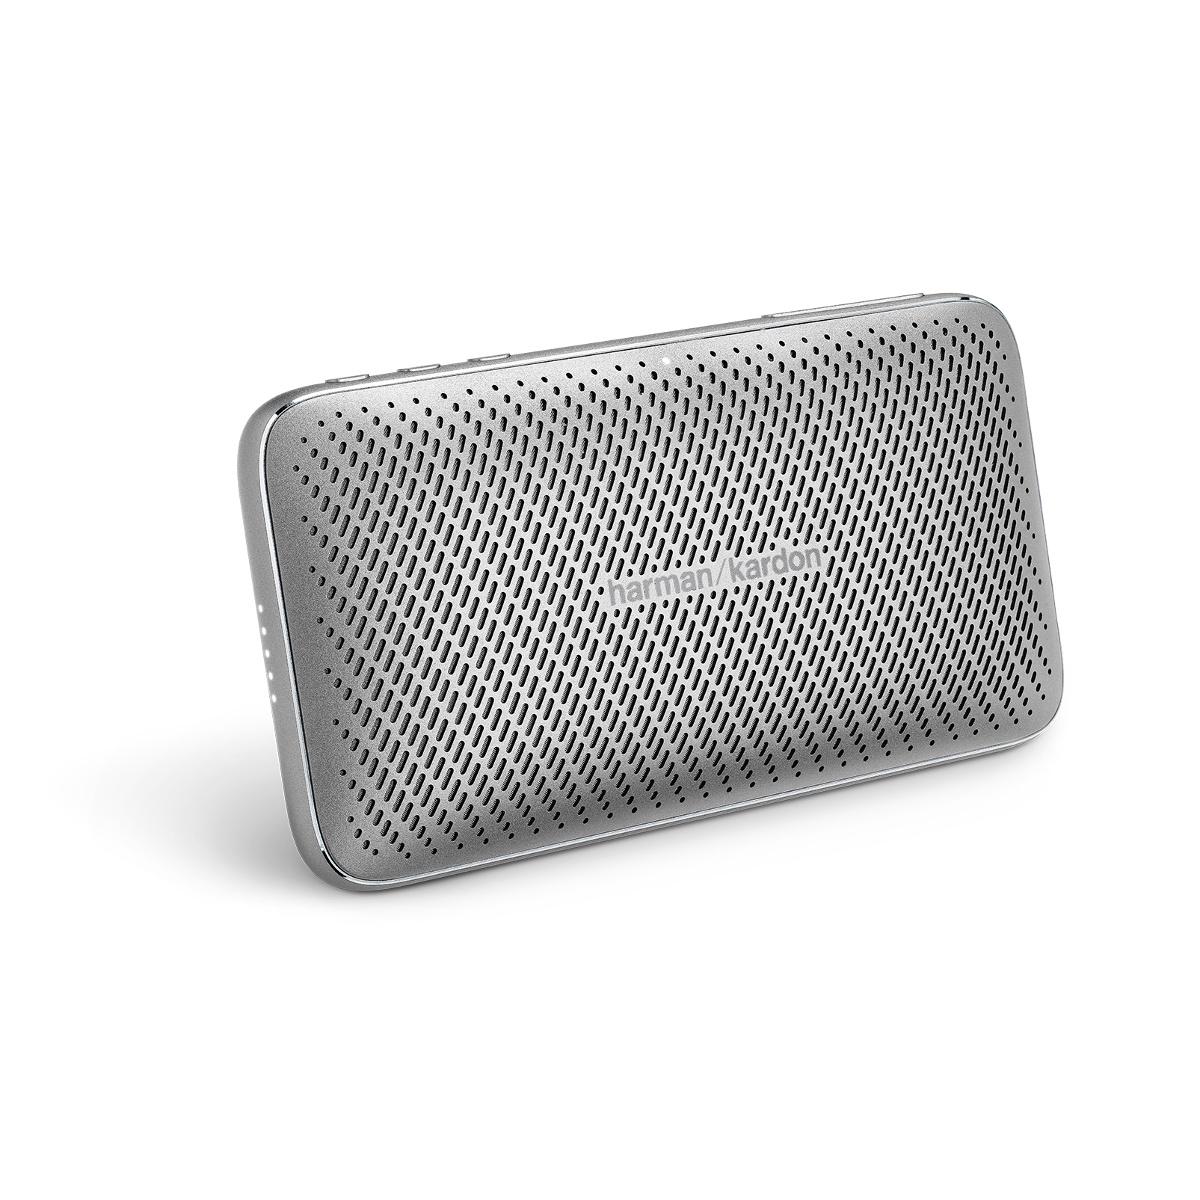 Беспроводная портативная акустическая система Harman/Kardon Esquire Mini 2 серебряная (1/6)